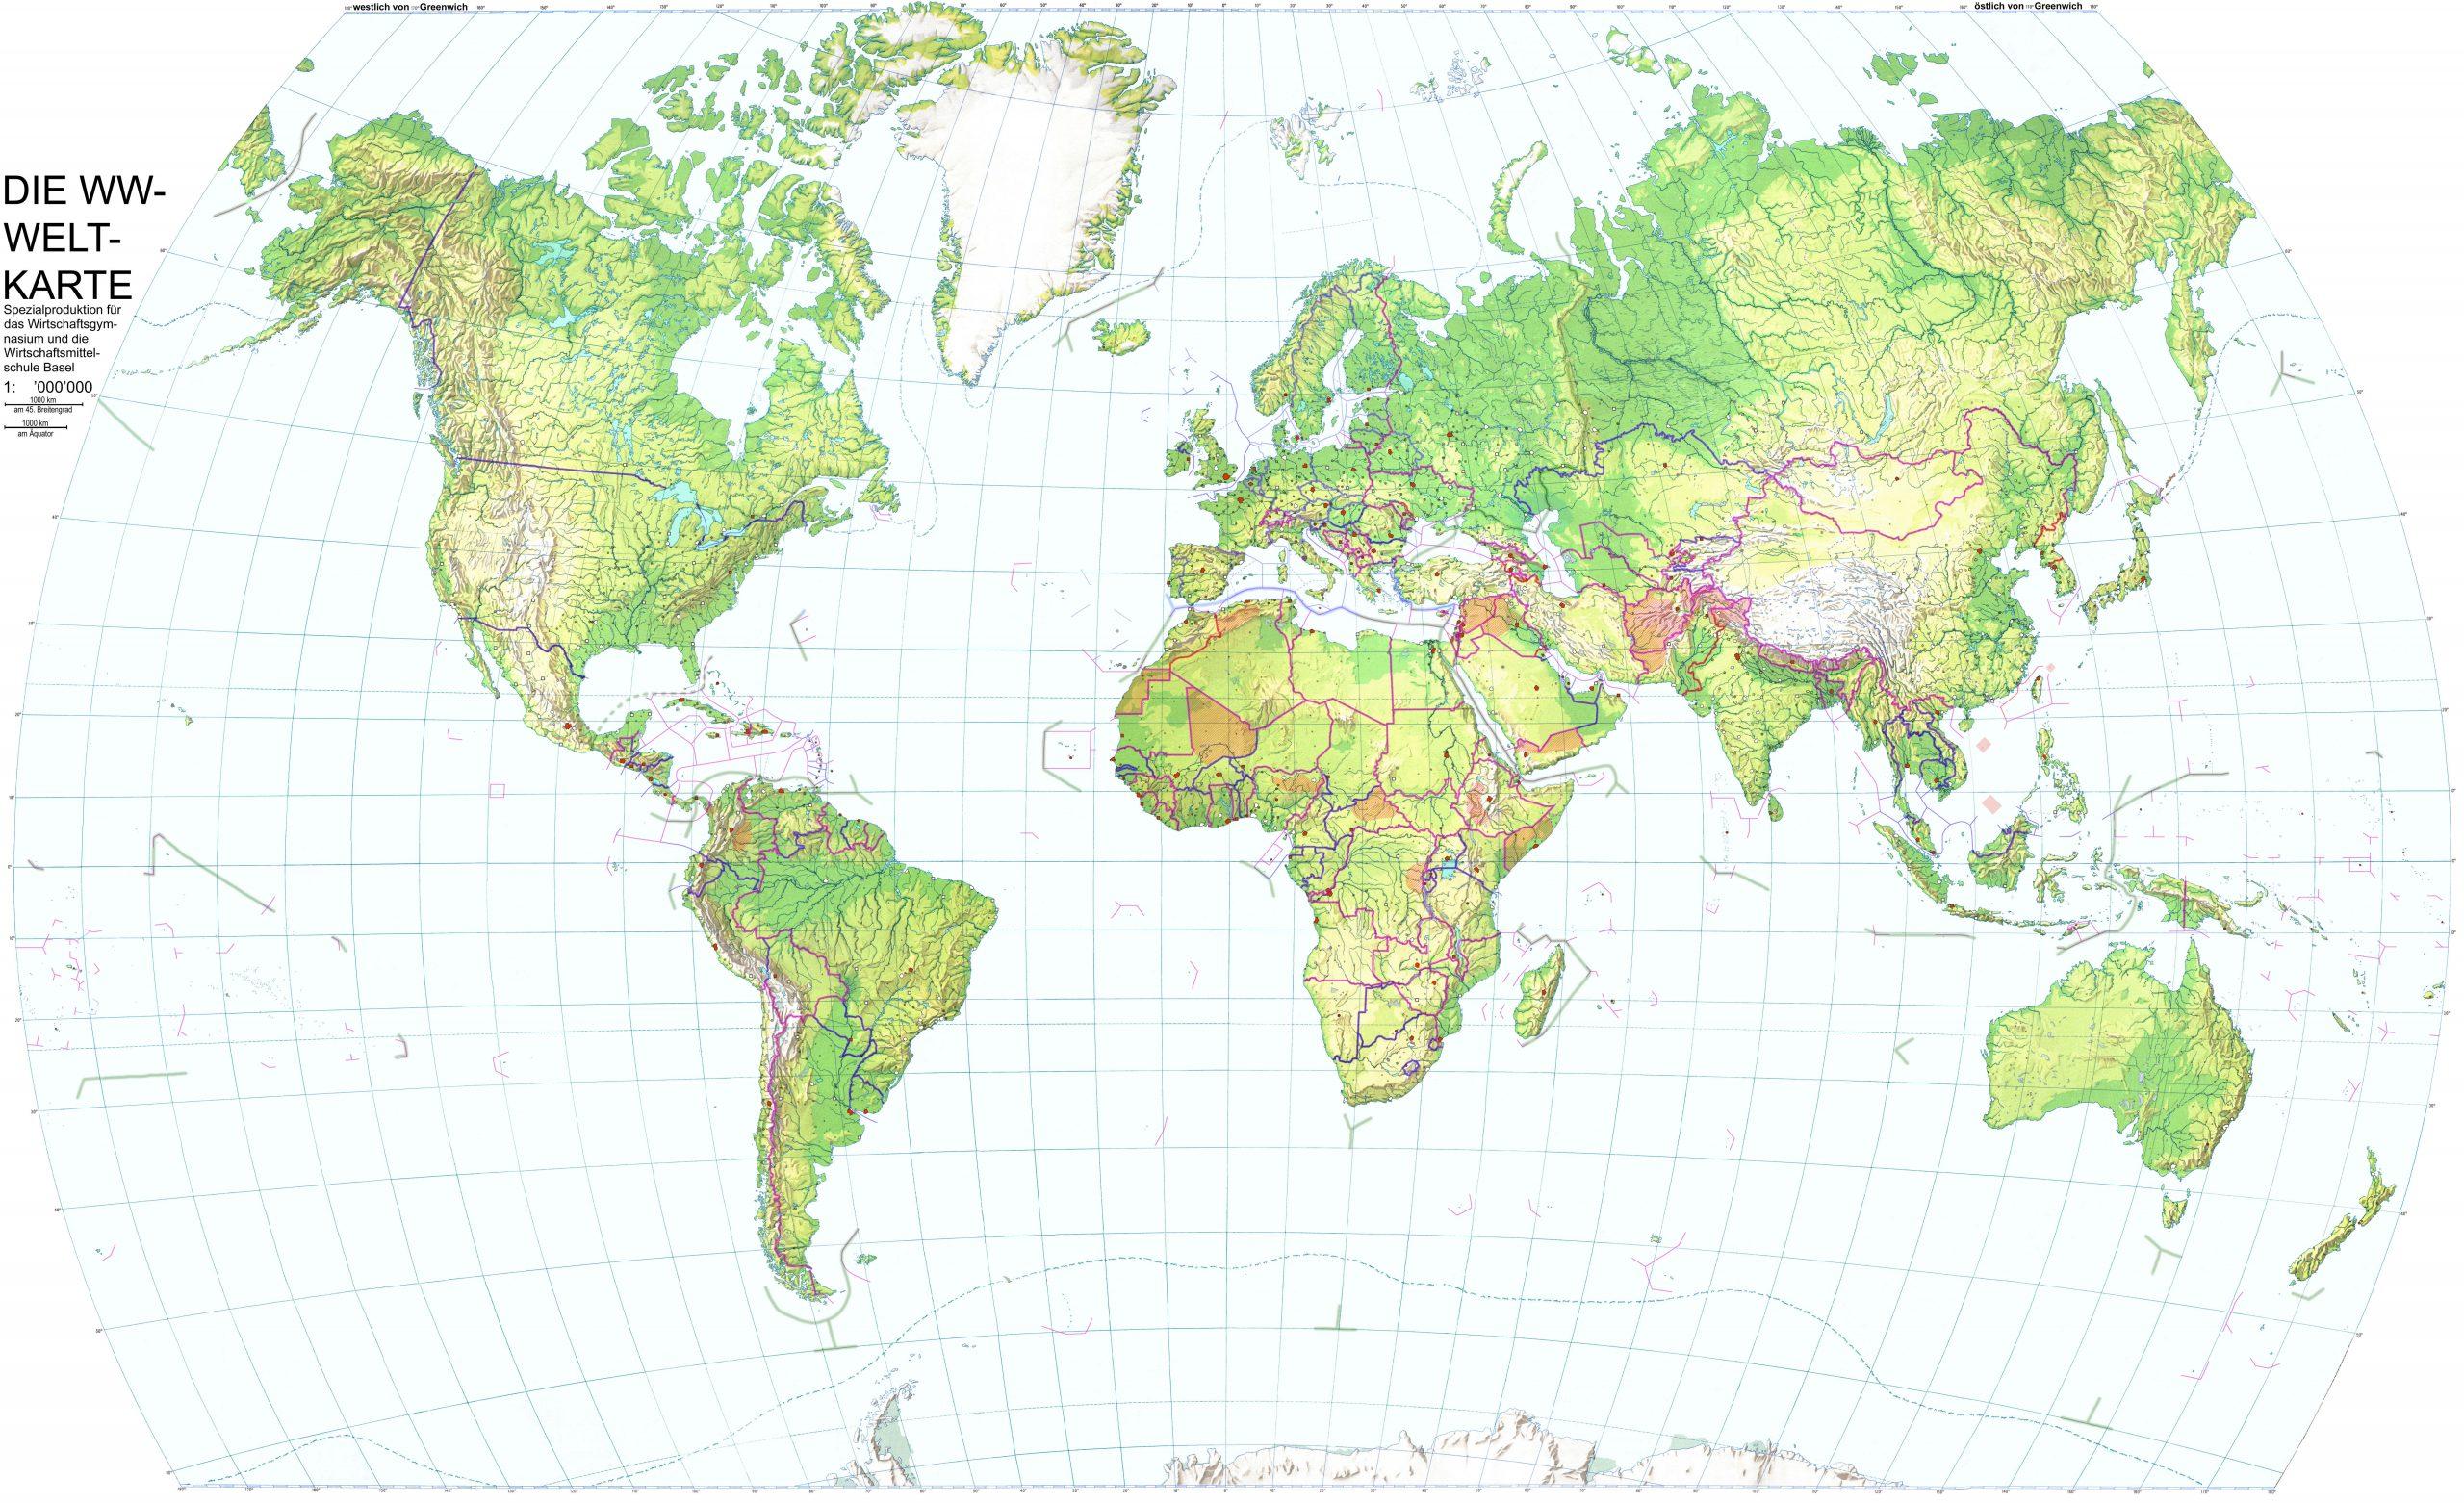 Die Ww-Weltkarte bestimmt für Weltkarte Mit Hauptstädten